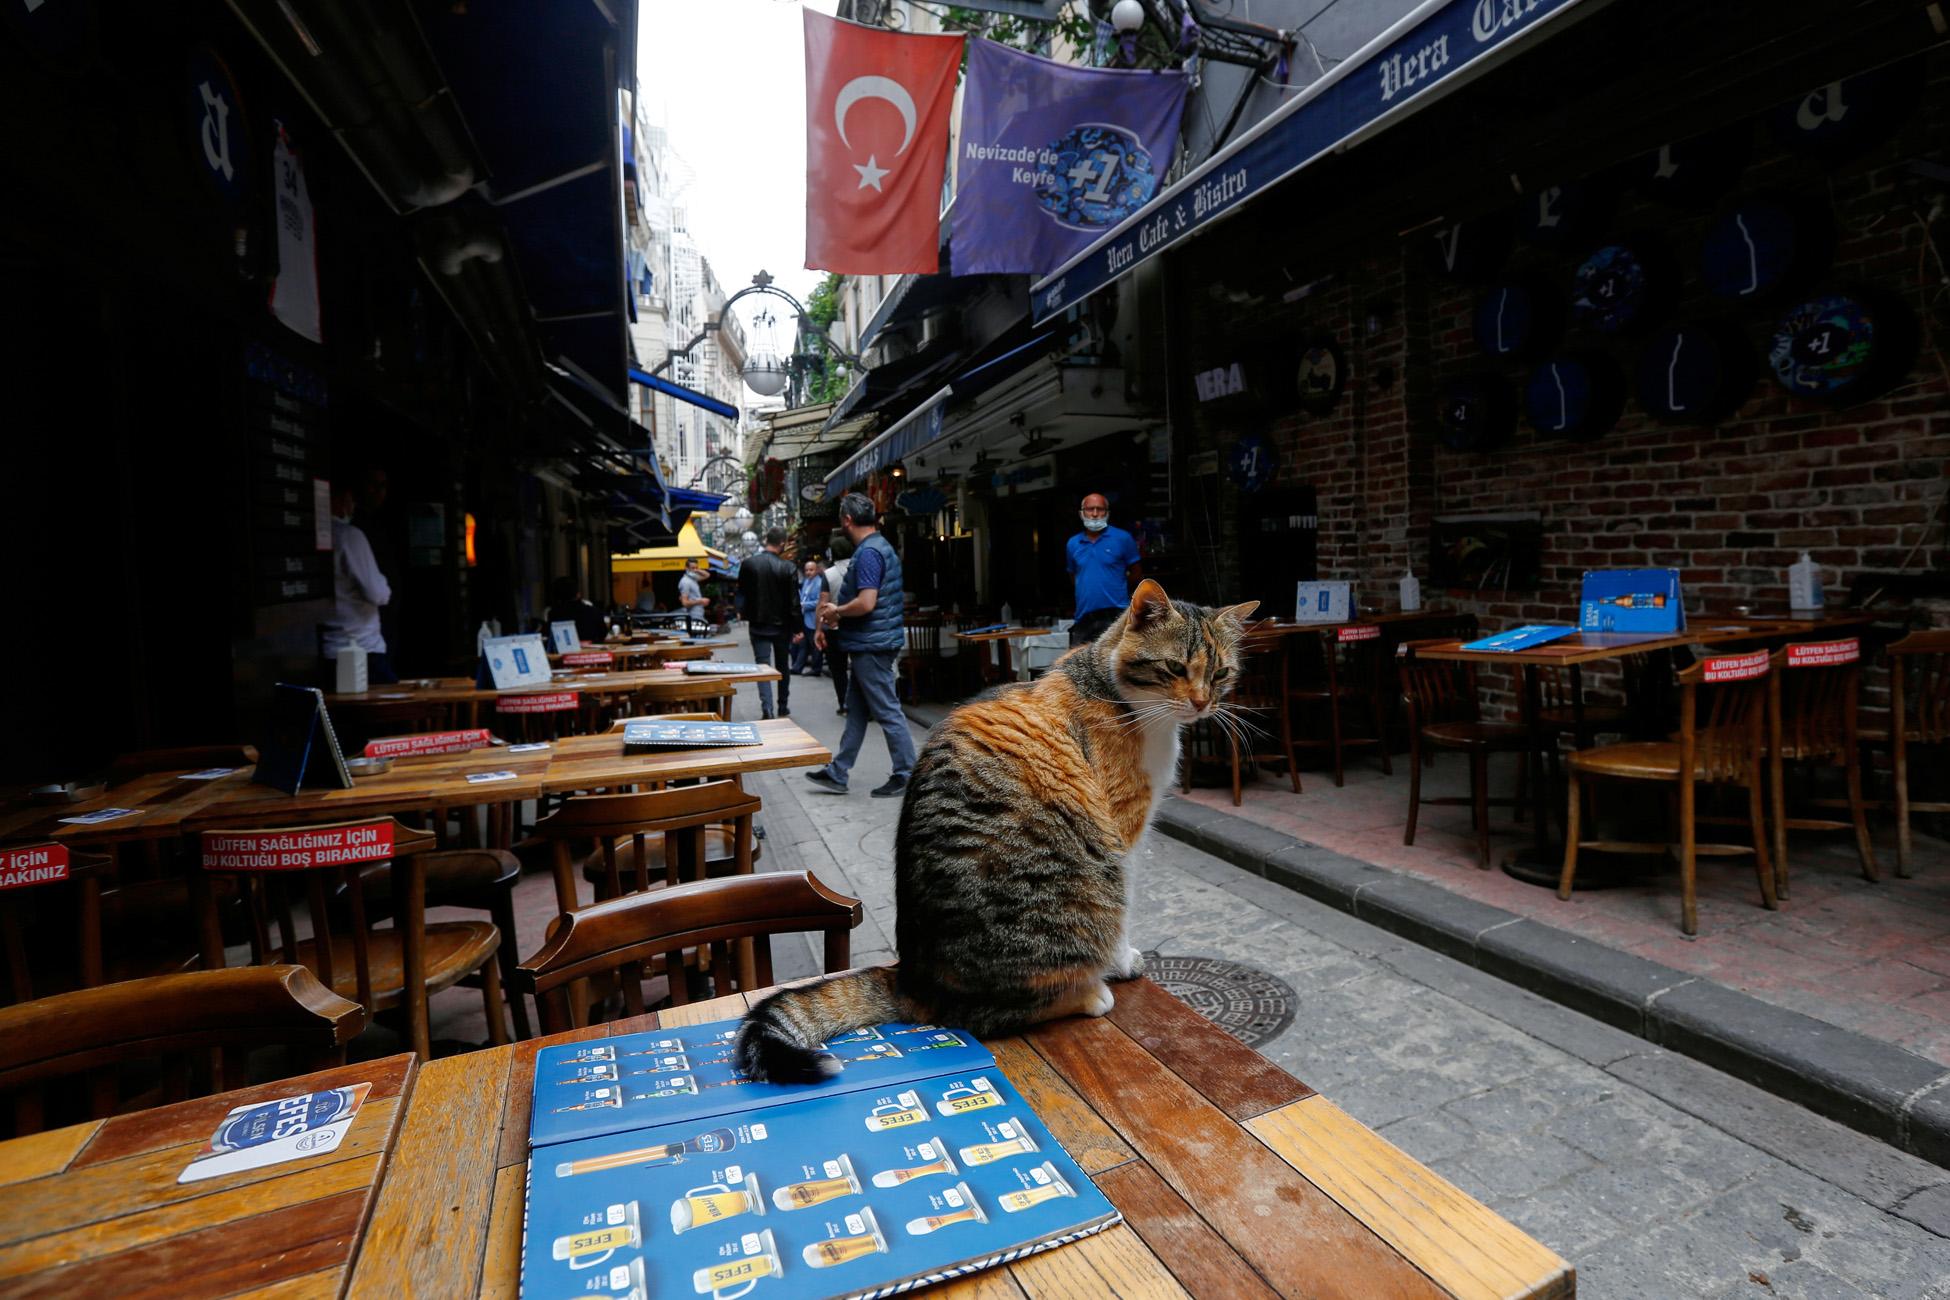 Κορονοϊός: 59 νεκροί και πάνω από 5.500 νέα κρούσματα στην Τουρκία